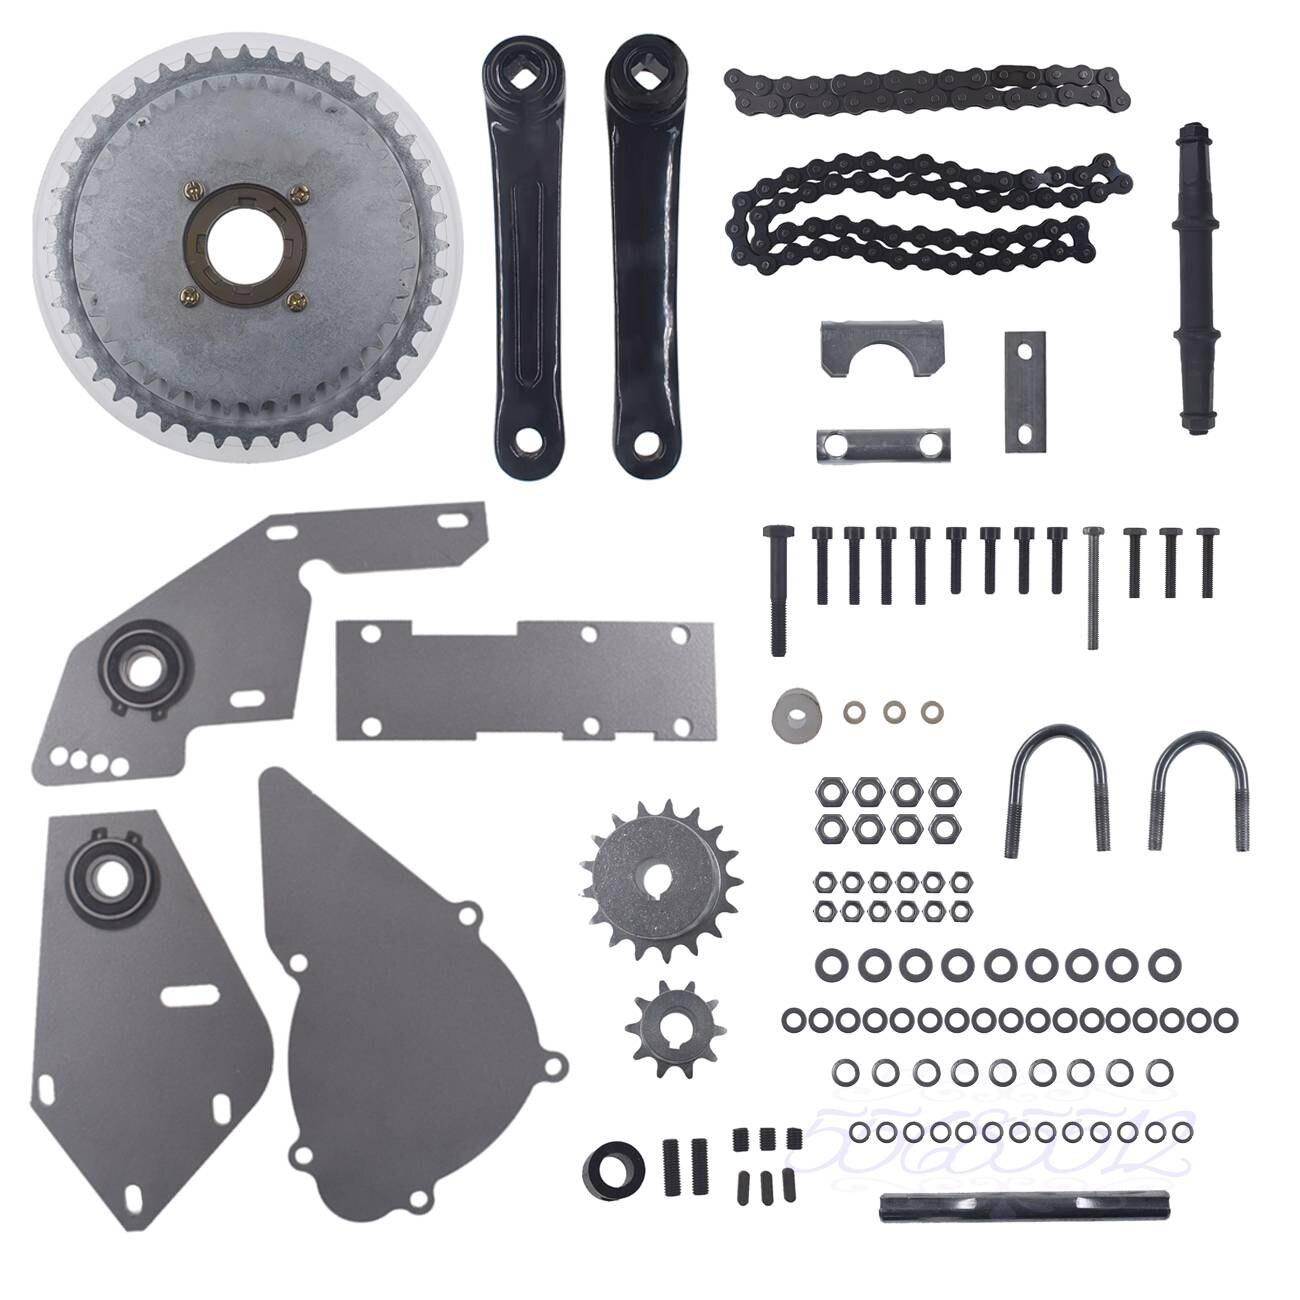 Серебряный комплект Jackshaft для обычной 415 цепи 66cc 80cc велосипед с двигателем на Газу набор переключения передач моторизованный велосипед Ножные стартеры и запчасти      АлиЭкспресс